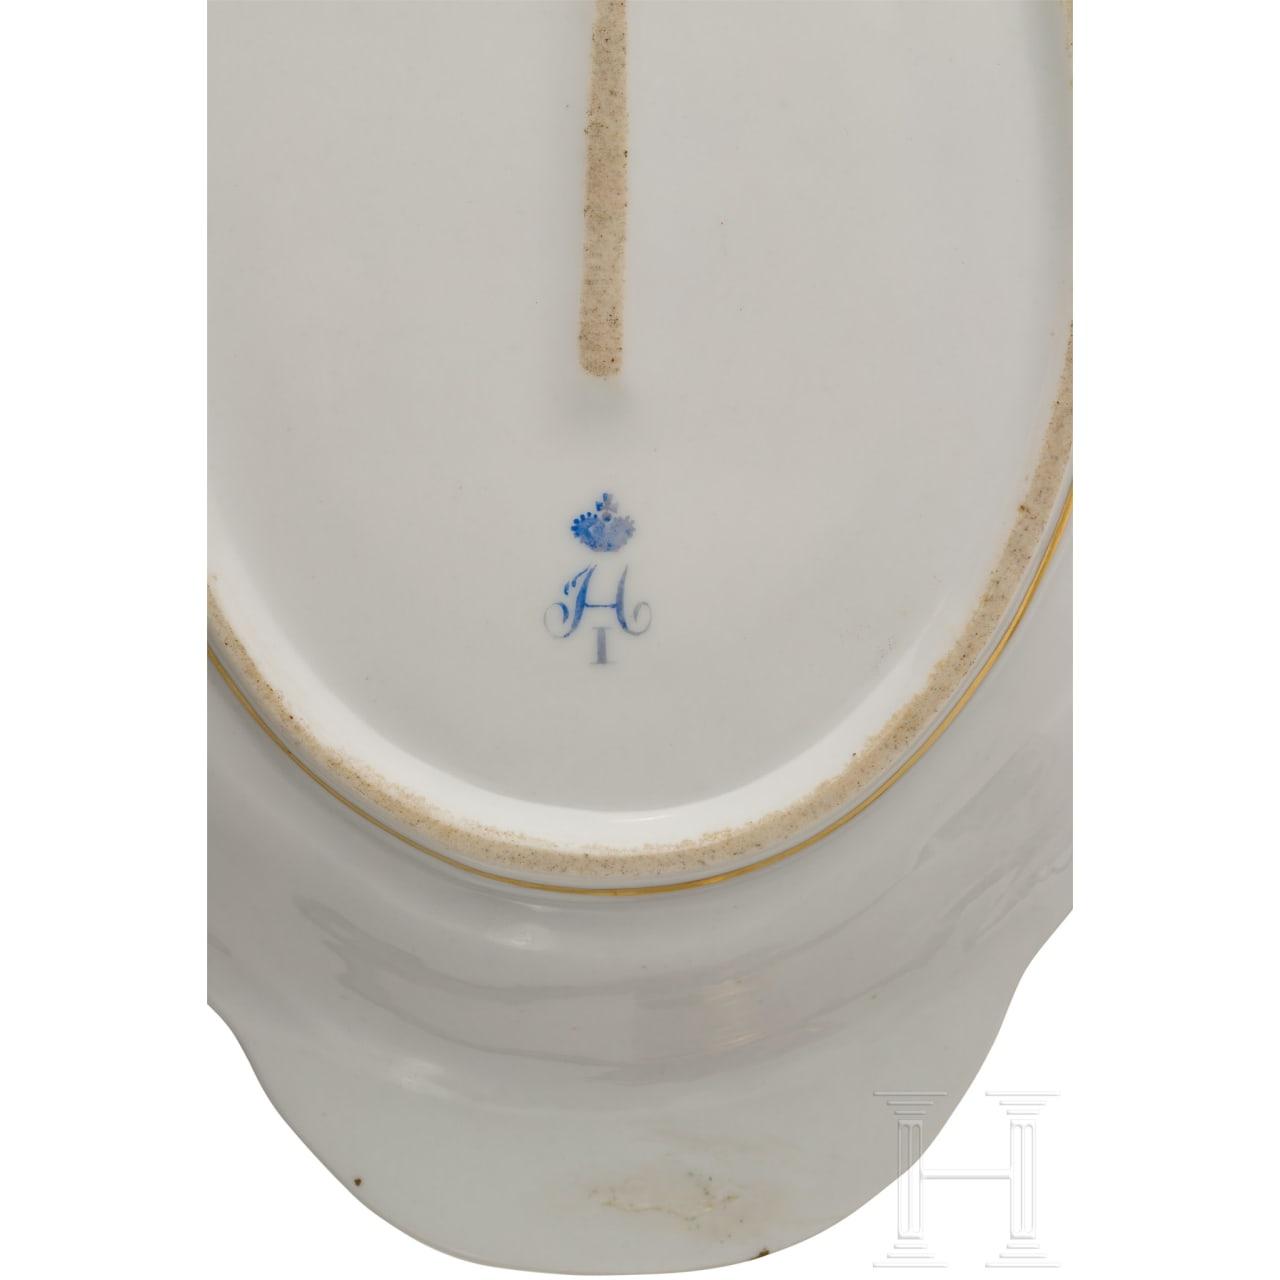 Teller, zwei ovale Schalen, Gewürzbehälter aus dem Gotischen Service, Kaiserliche Porzellanmanufaktur St. Petersburg, Regierungszeit Zar Nikolaus I., Russland, um 1833/40